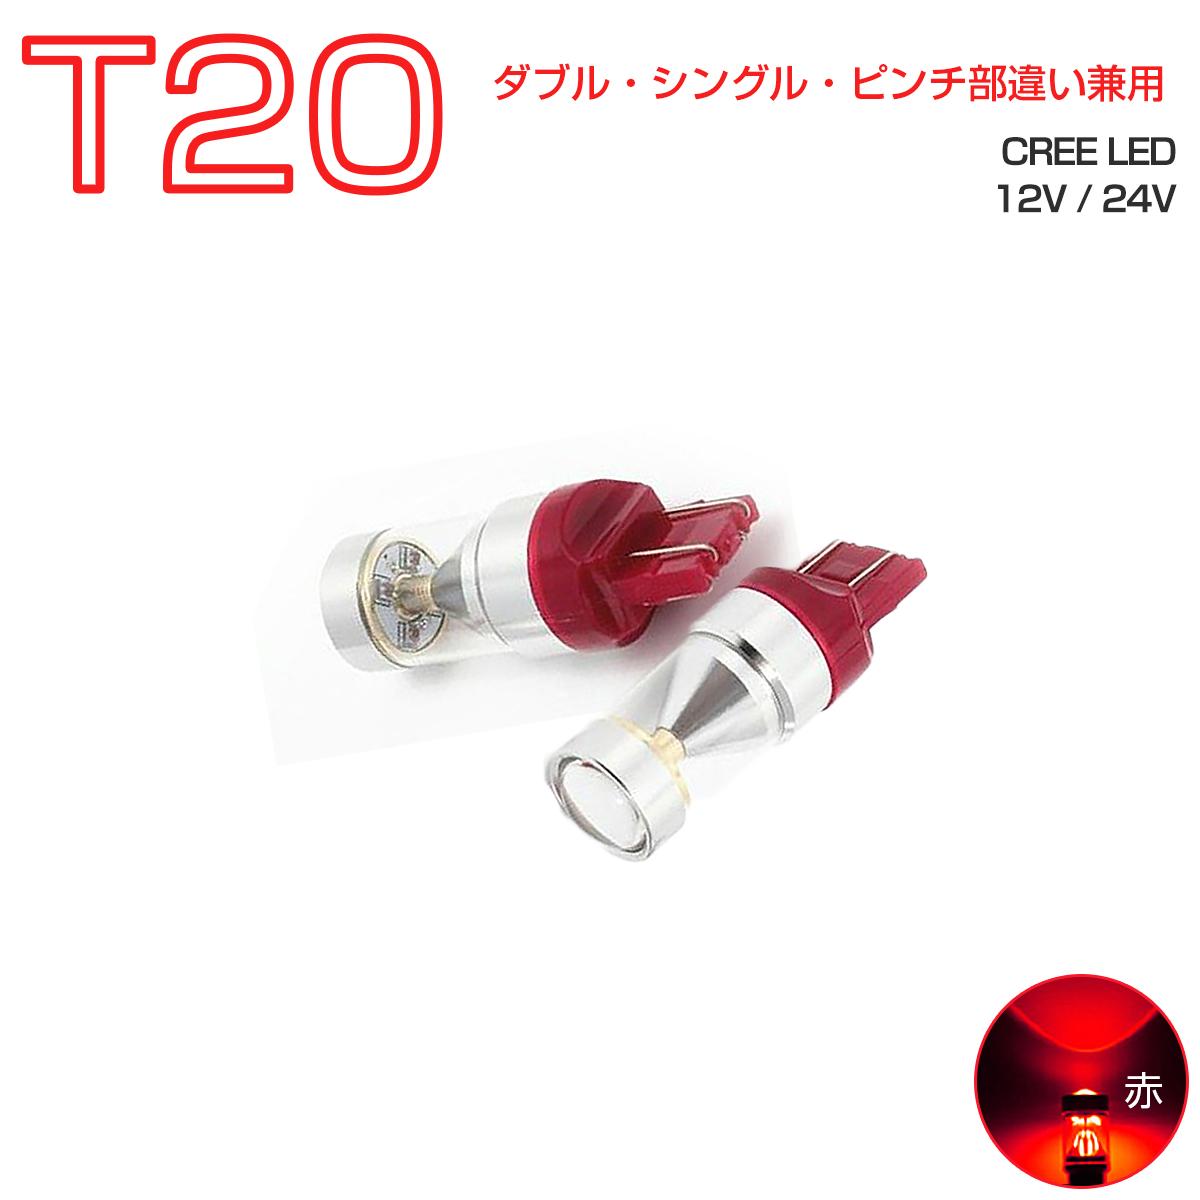 LED T20 レッド赤発光 30W CREEチップ シングル・ダブル・ピンチ部違い兼用 フォグランプ ブレーキ ウインカー バックランプ 2個入り 12V 24V SDM便送料無料 1年保証 K&M